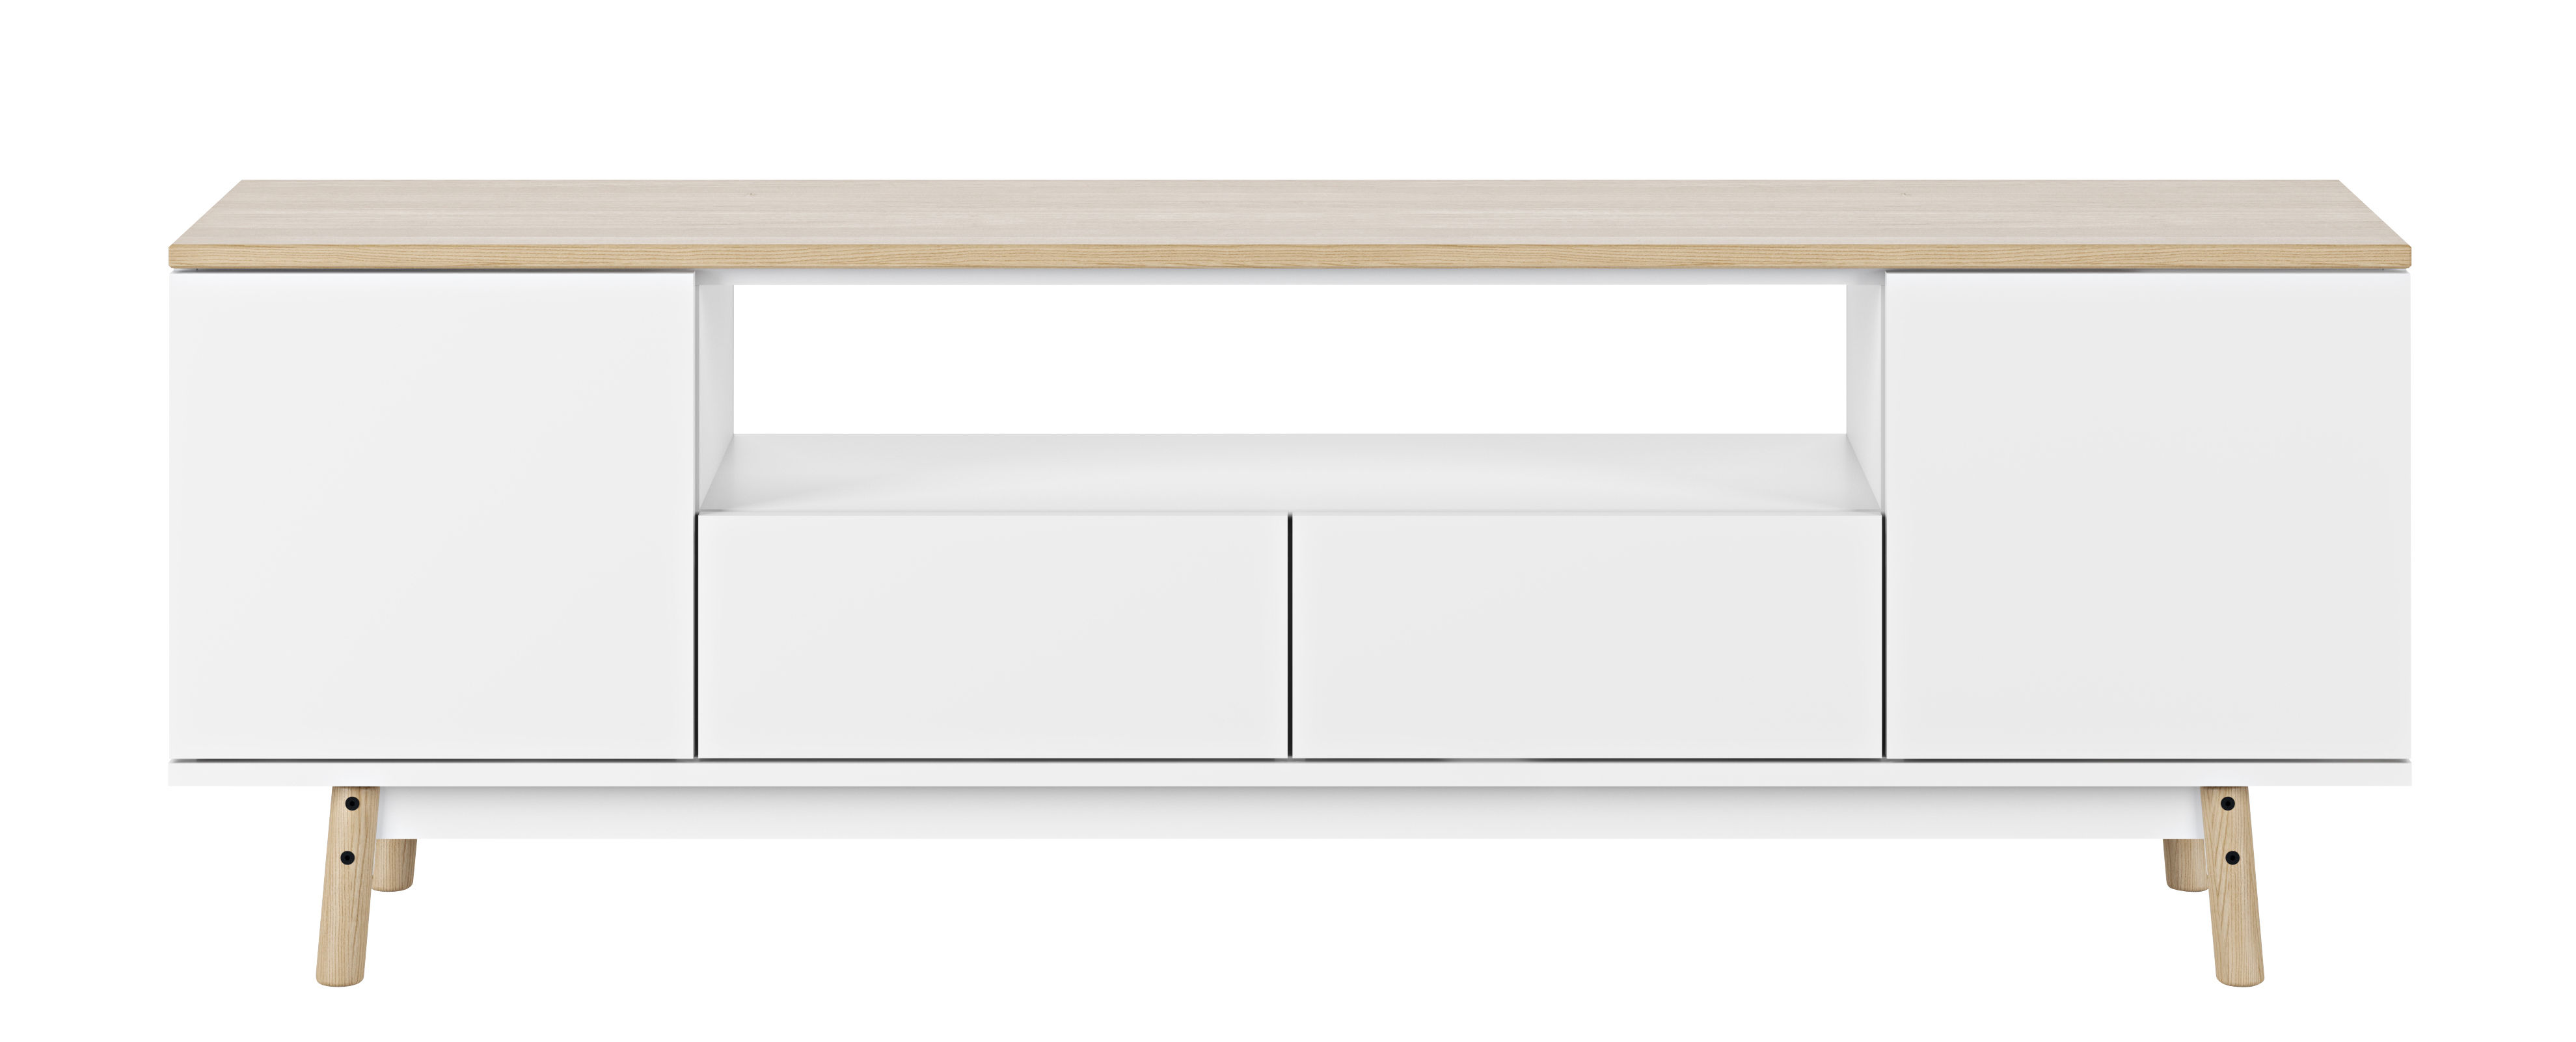 Arredamento - Contenitori, Credenze... - Mobile TV Milan / Rovere - L 185 cm - POP UP HOME - Top rovere / Bianco - Pannelli alveolari, Rovere massello